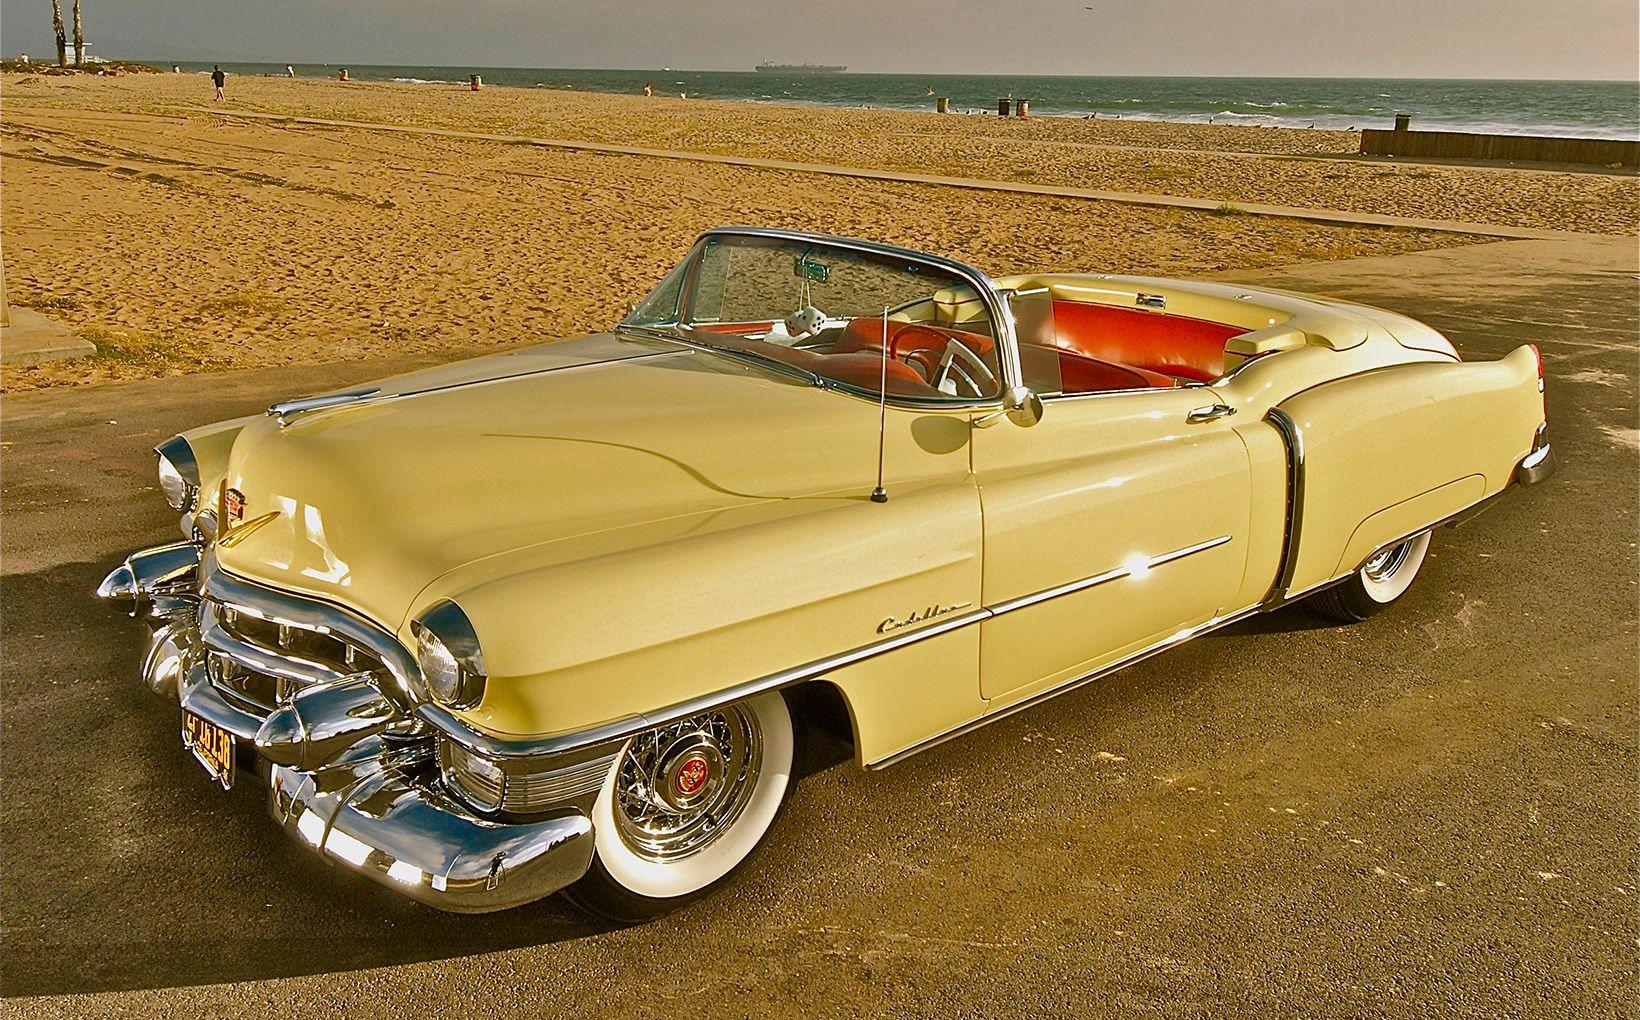 Cadillac Eldorado: The gold standard - Shannons Club